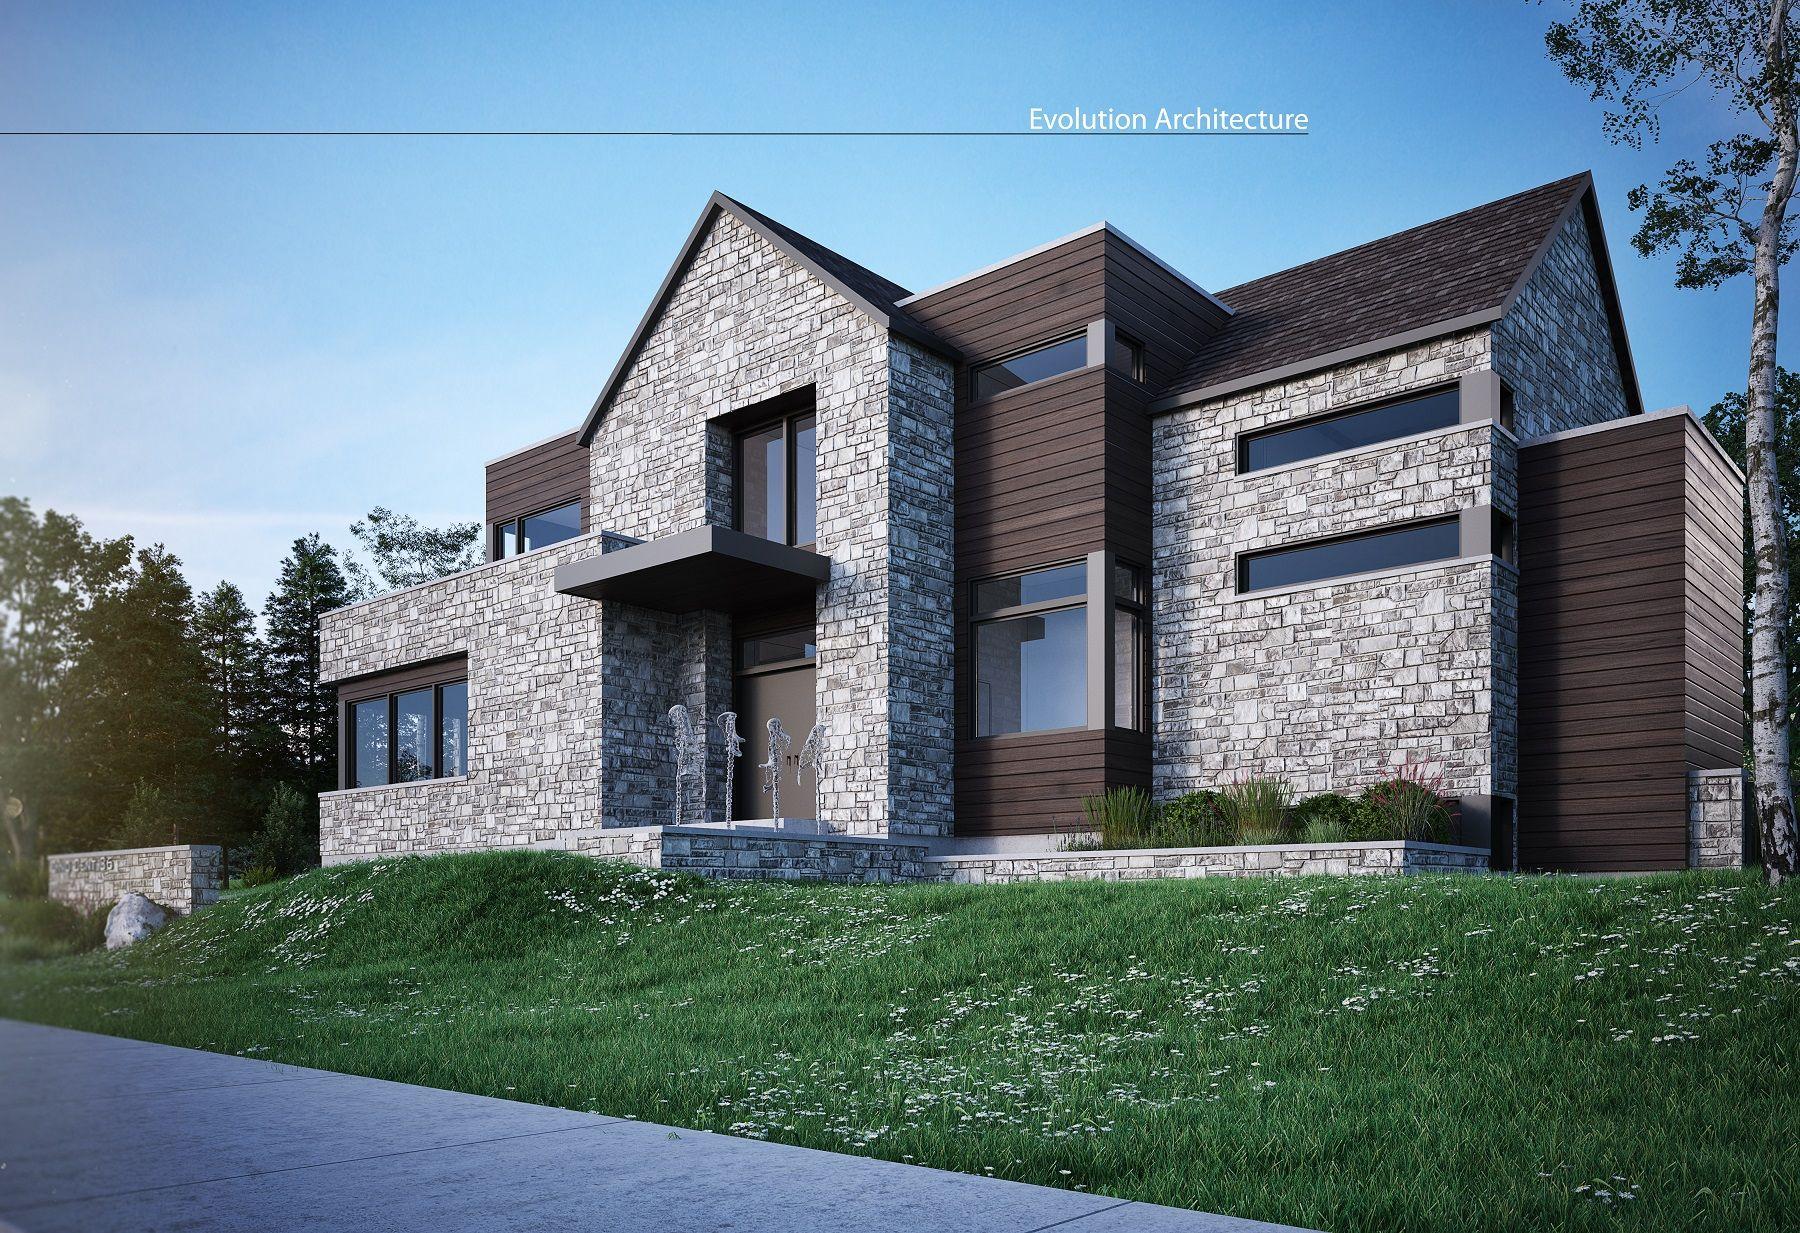 Architecturemaison contemporaine création exclusive e 968 moderne designconcept planboispierre